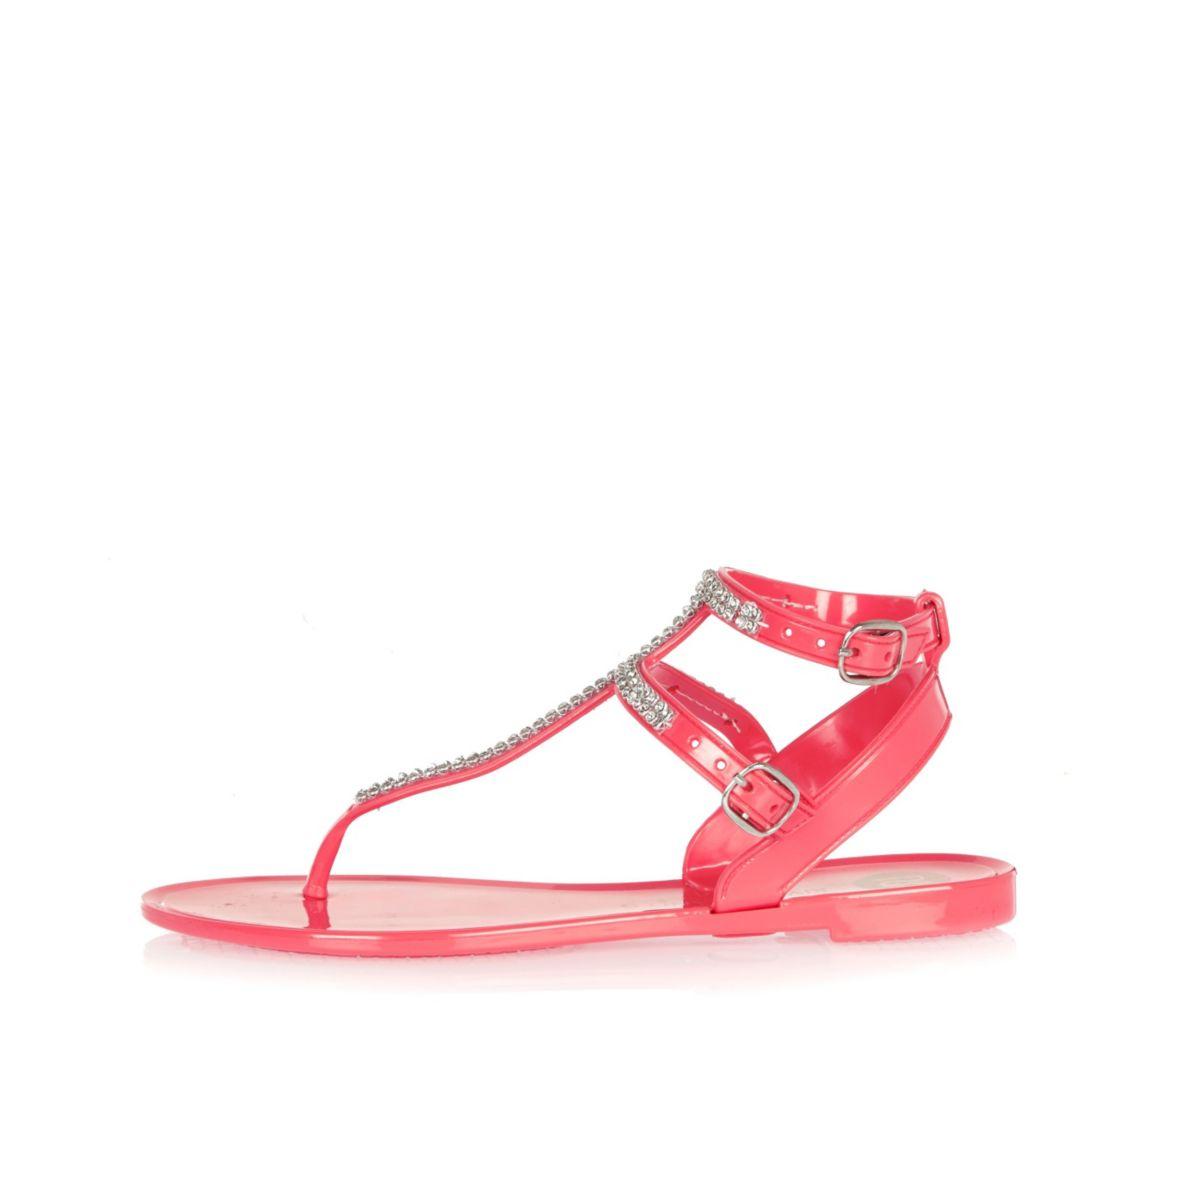 Pinke Jelly-Sandalen mit Strass für Mädchen